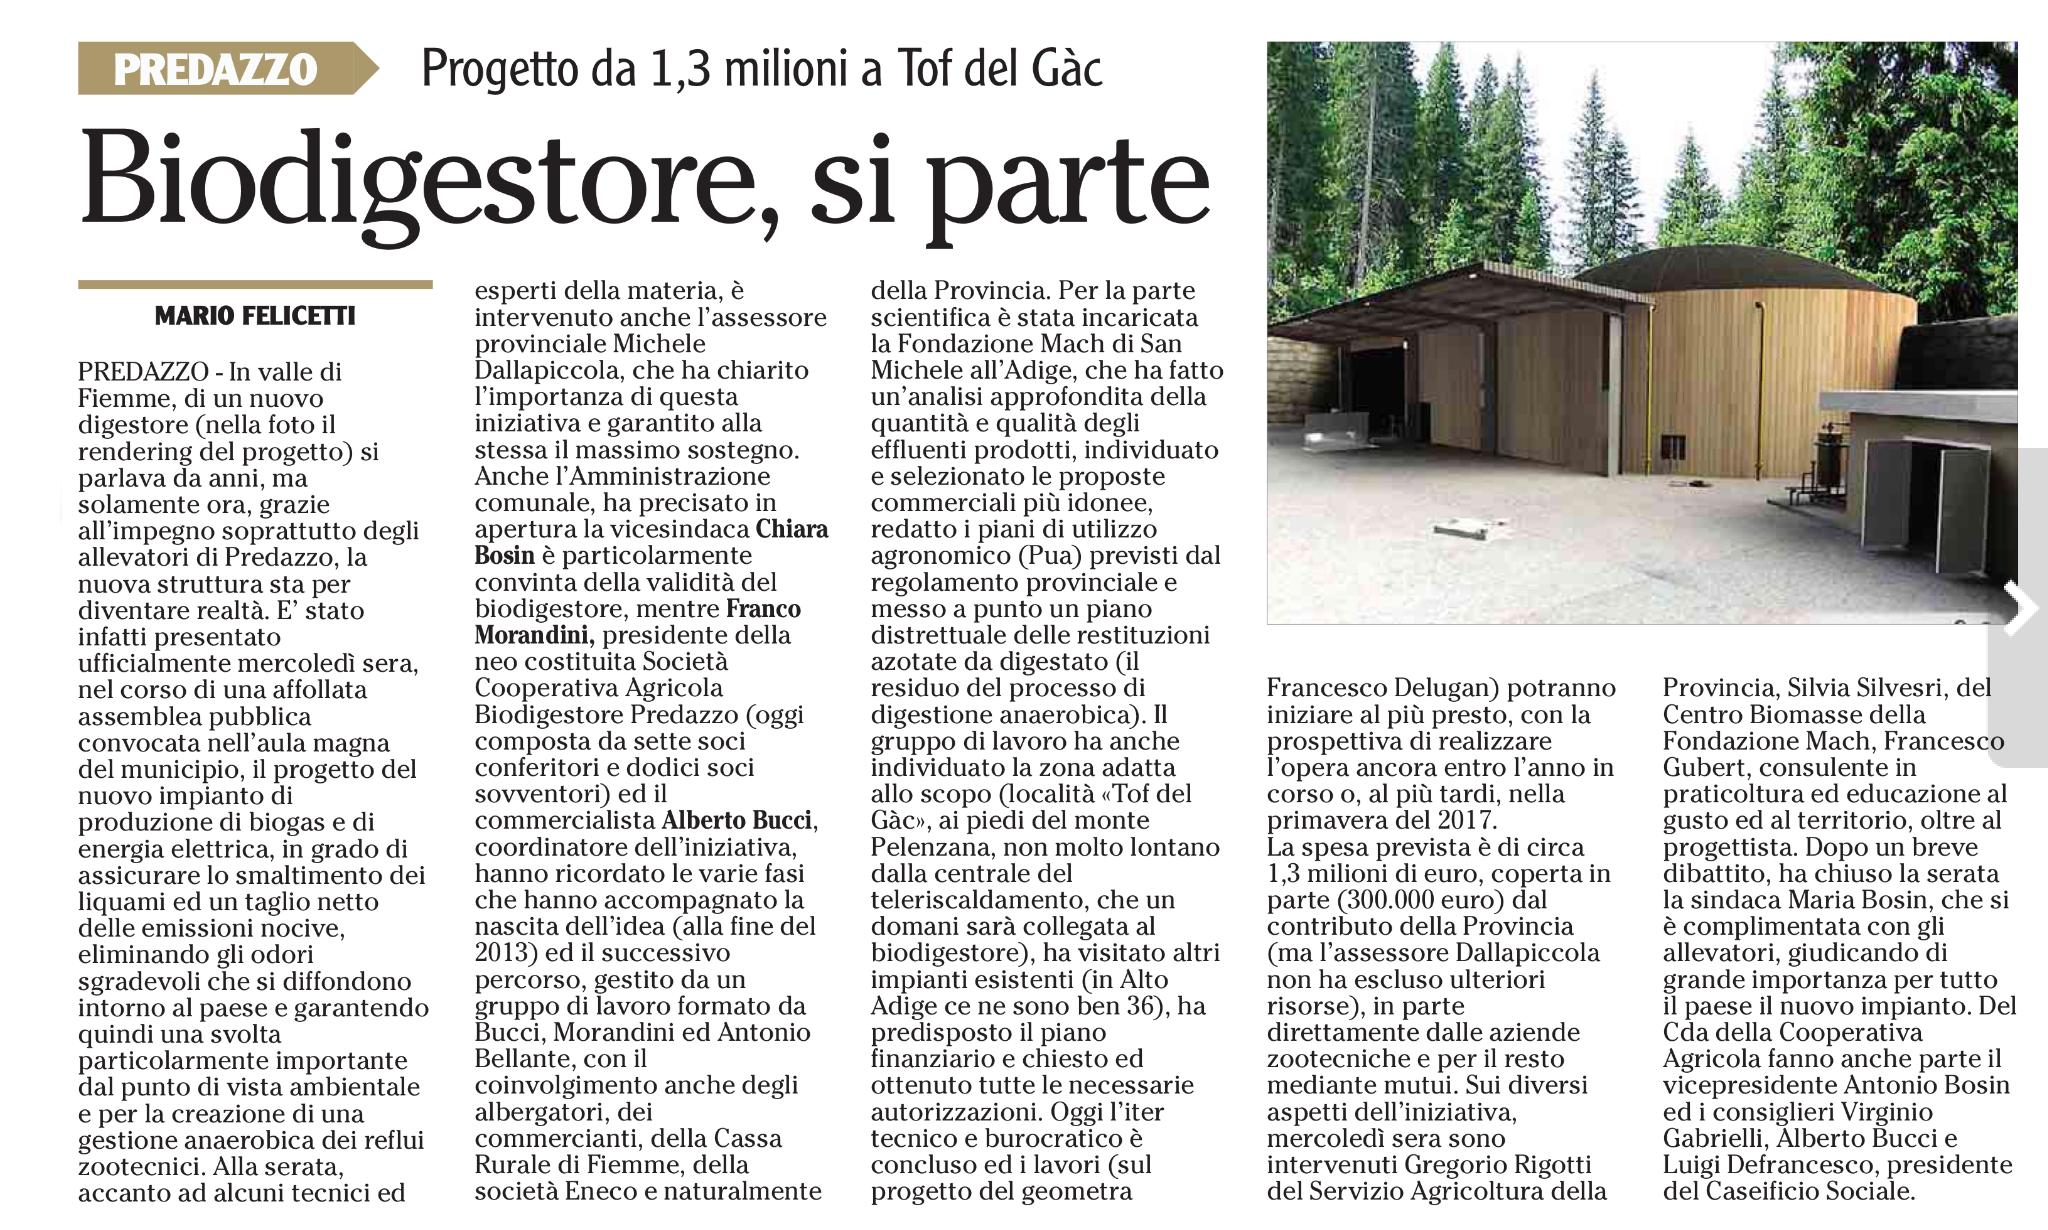 Articolo de l'Adige estratto da pagina 39 del 10 giugno 2016